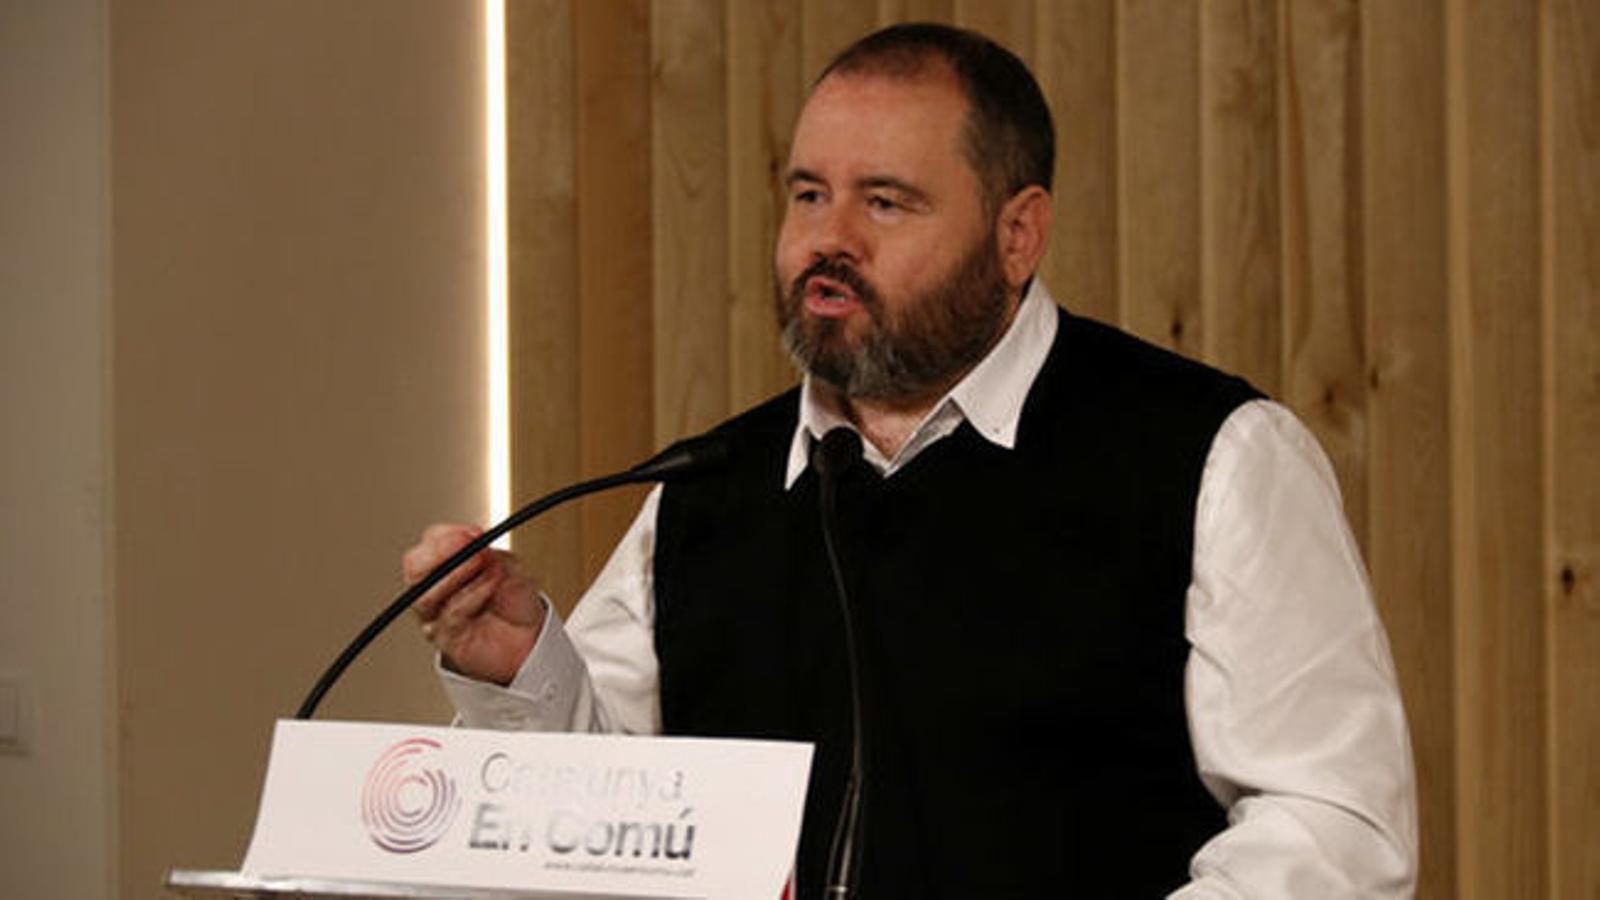 Mena (CatComú) insta Sánchez a prioritzar ERC i PDECat per les negociacions dels pressupostos